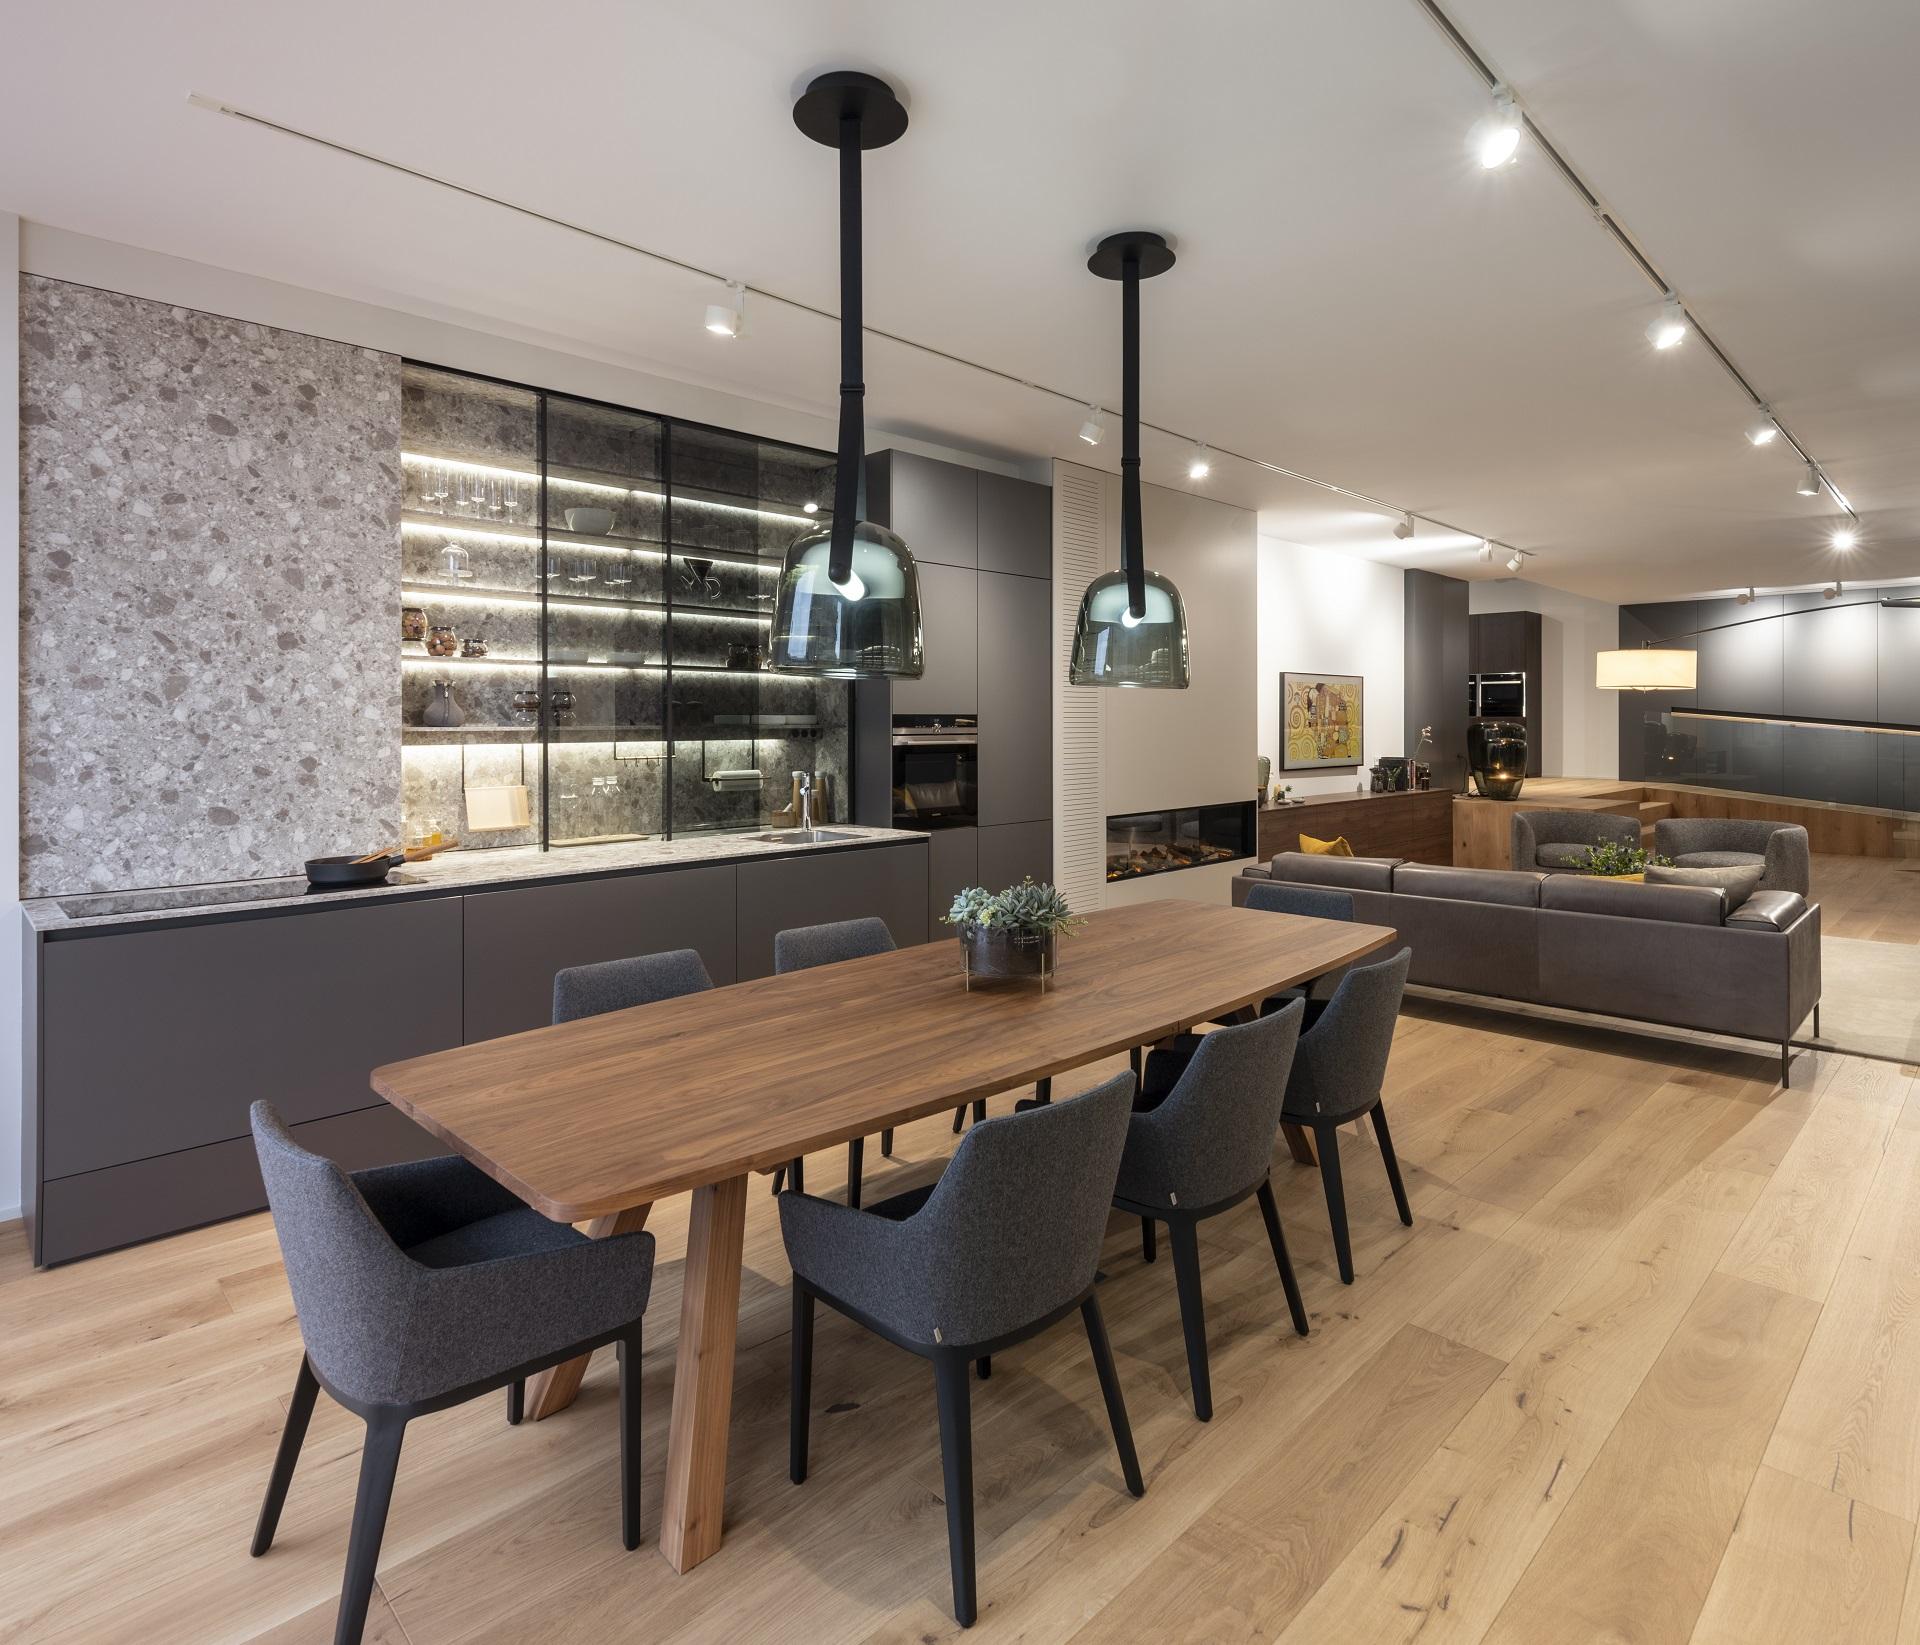 Exposición cocina lineal FINE en Santiago Interiores